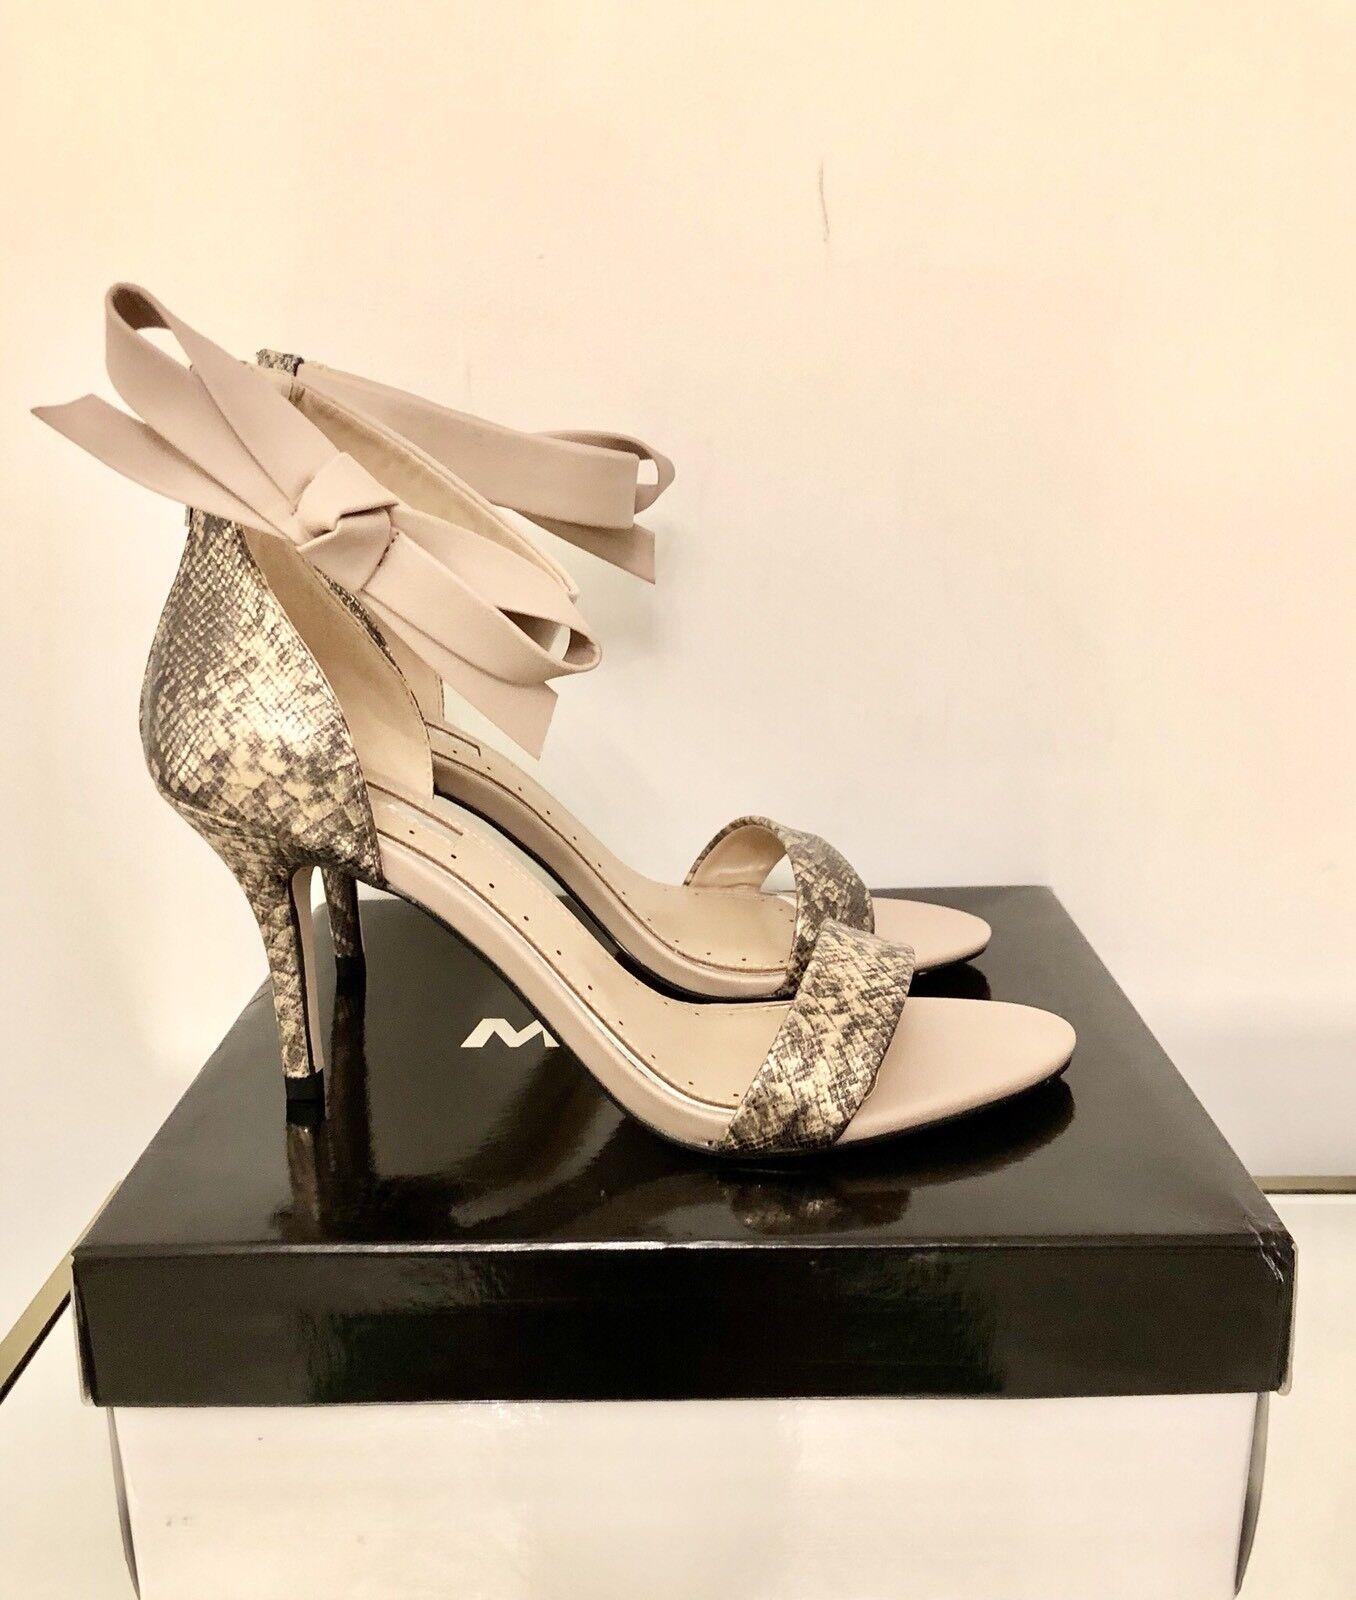 Kurt Geiger Nude Ankle Bow High Heel Sandals Größe 6 6 6 EU 39 Miss KG Gabby New 3ece84